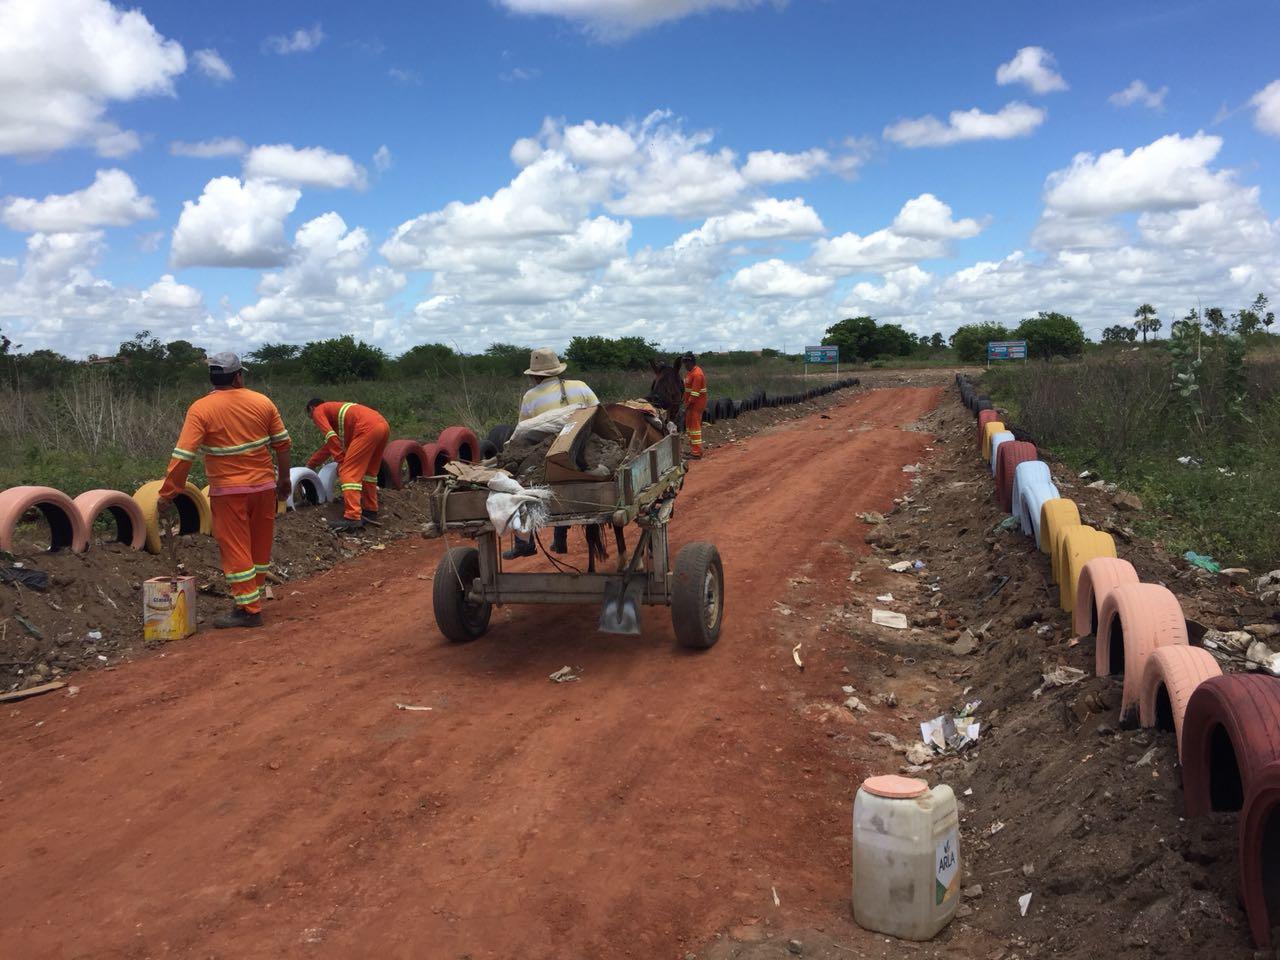 Prefeitura realiza mutirão de limpeza e cria ponto de descarte para carroceiros no Belo Horizonte